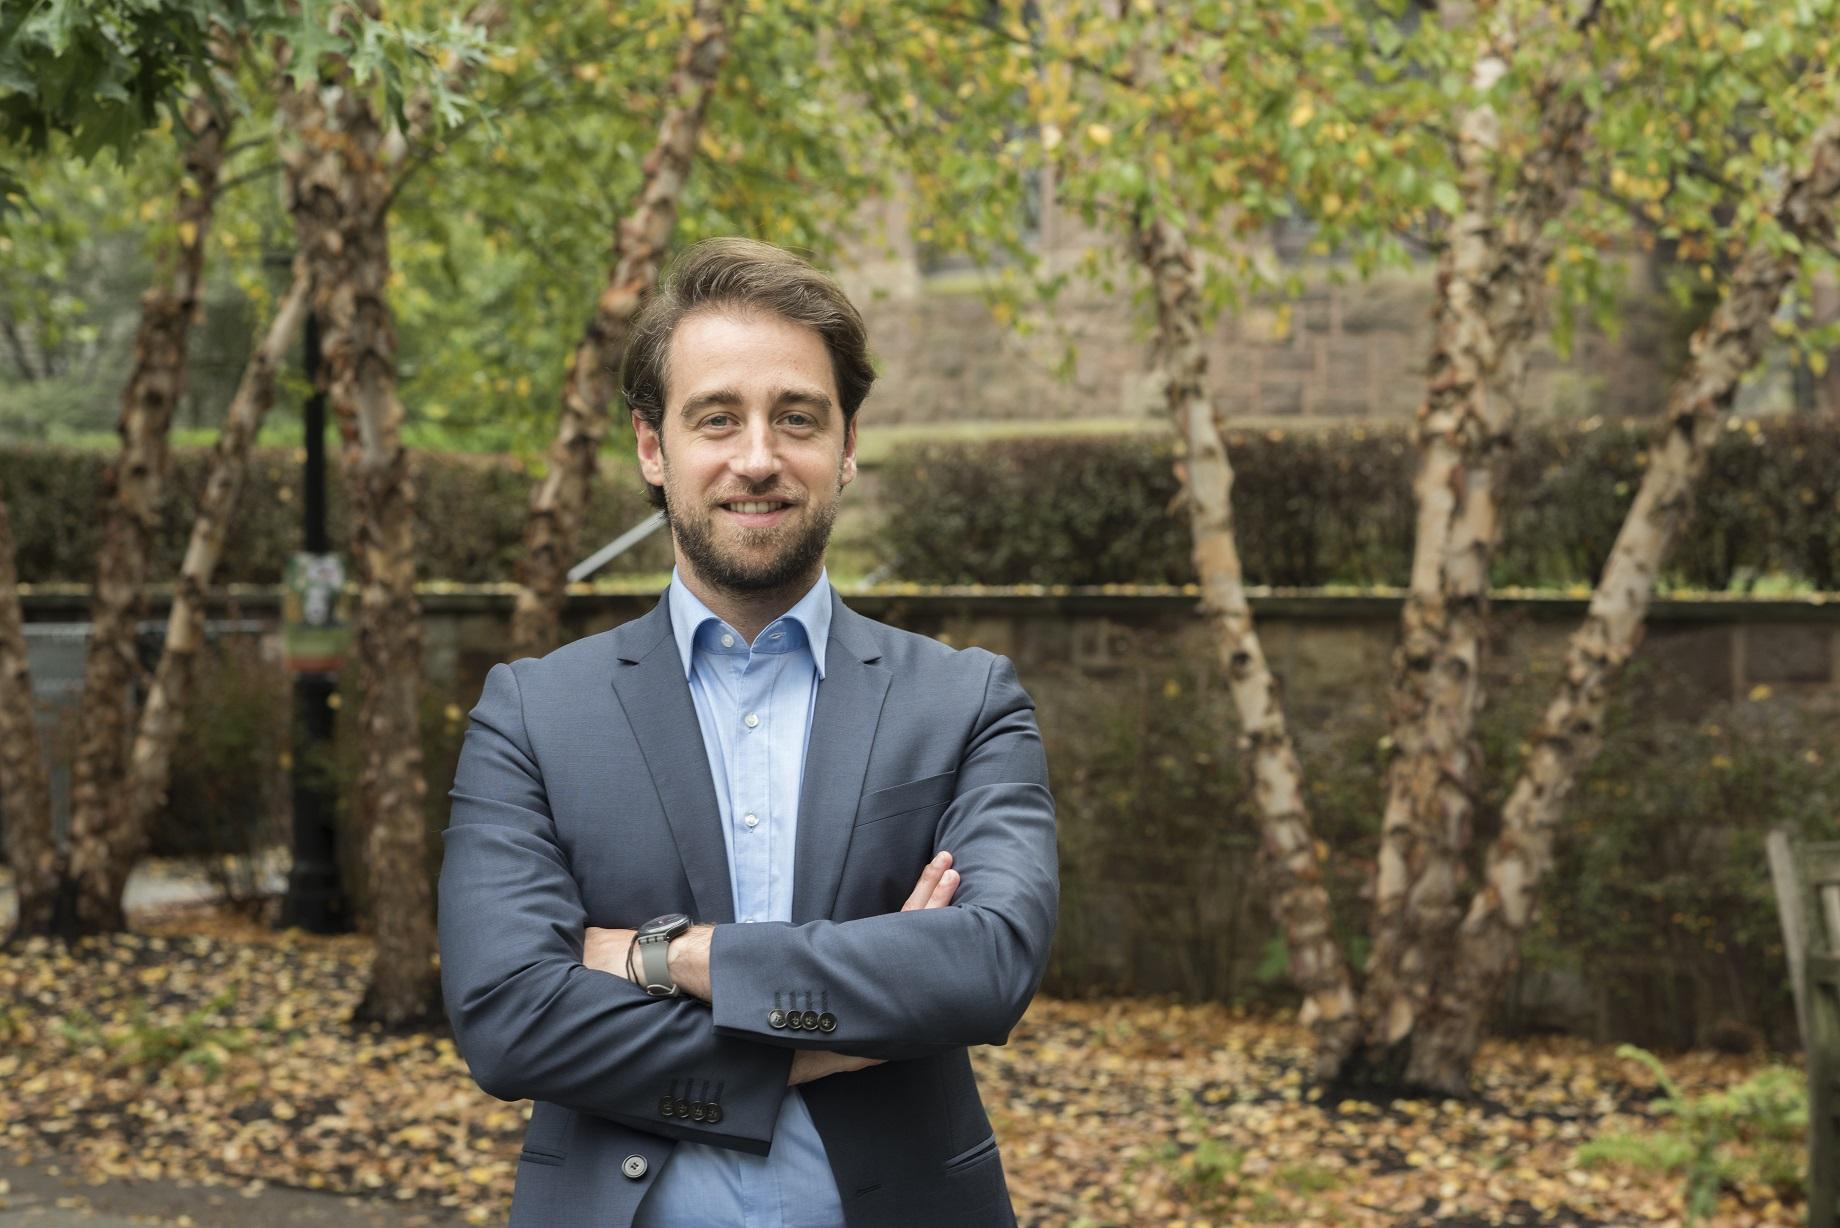 Prof. Stefan Eich